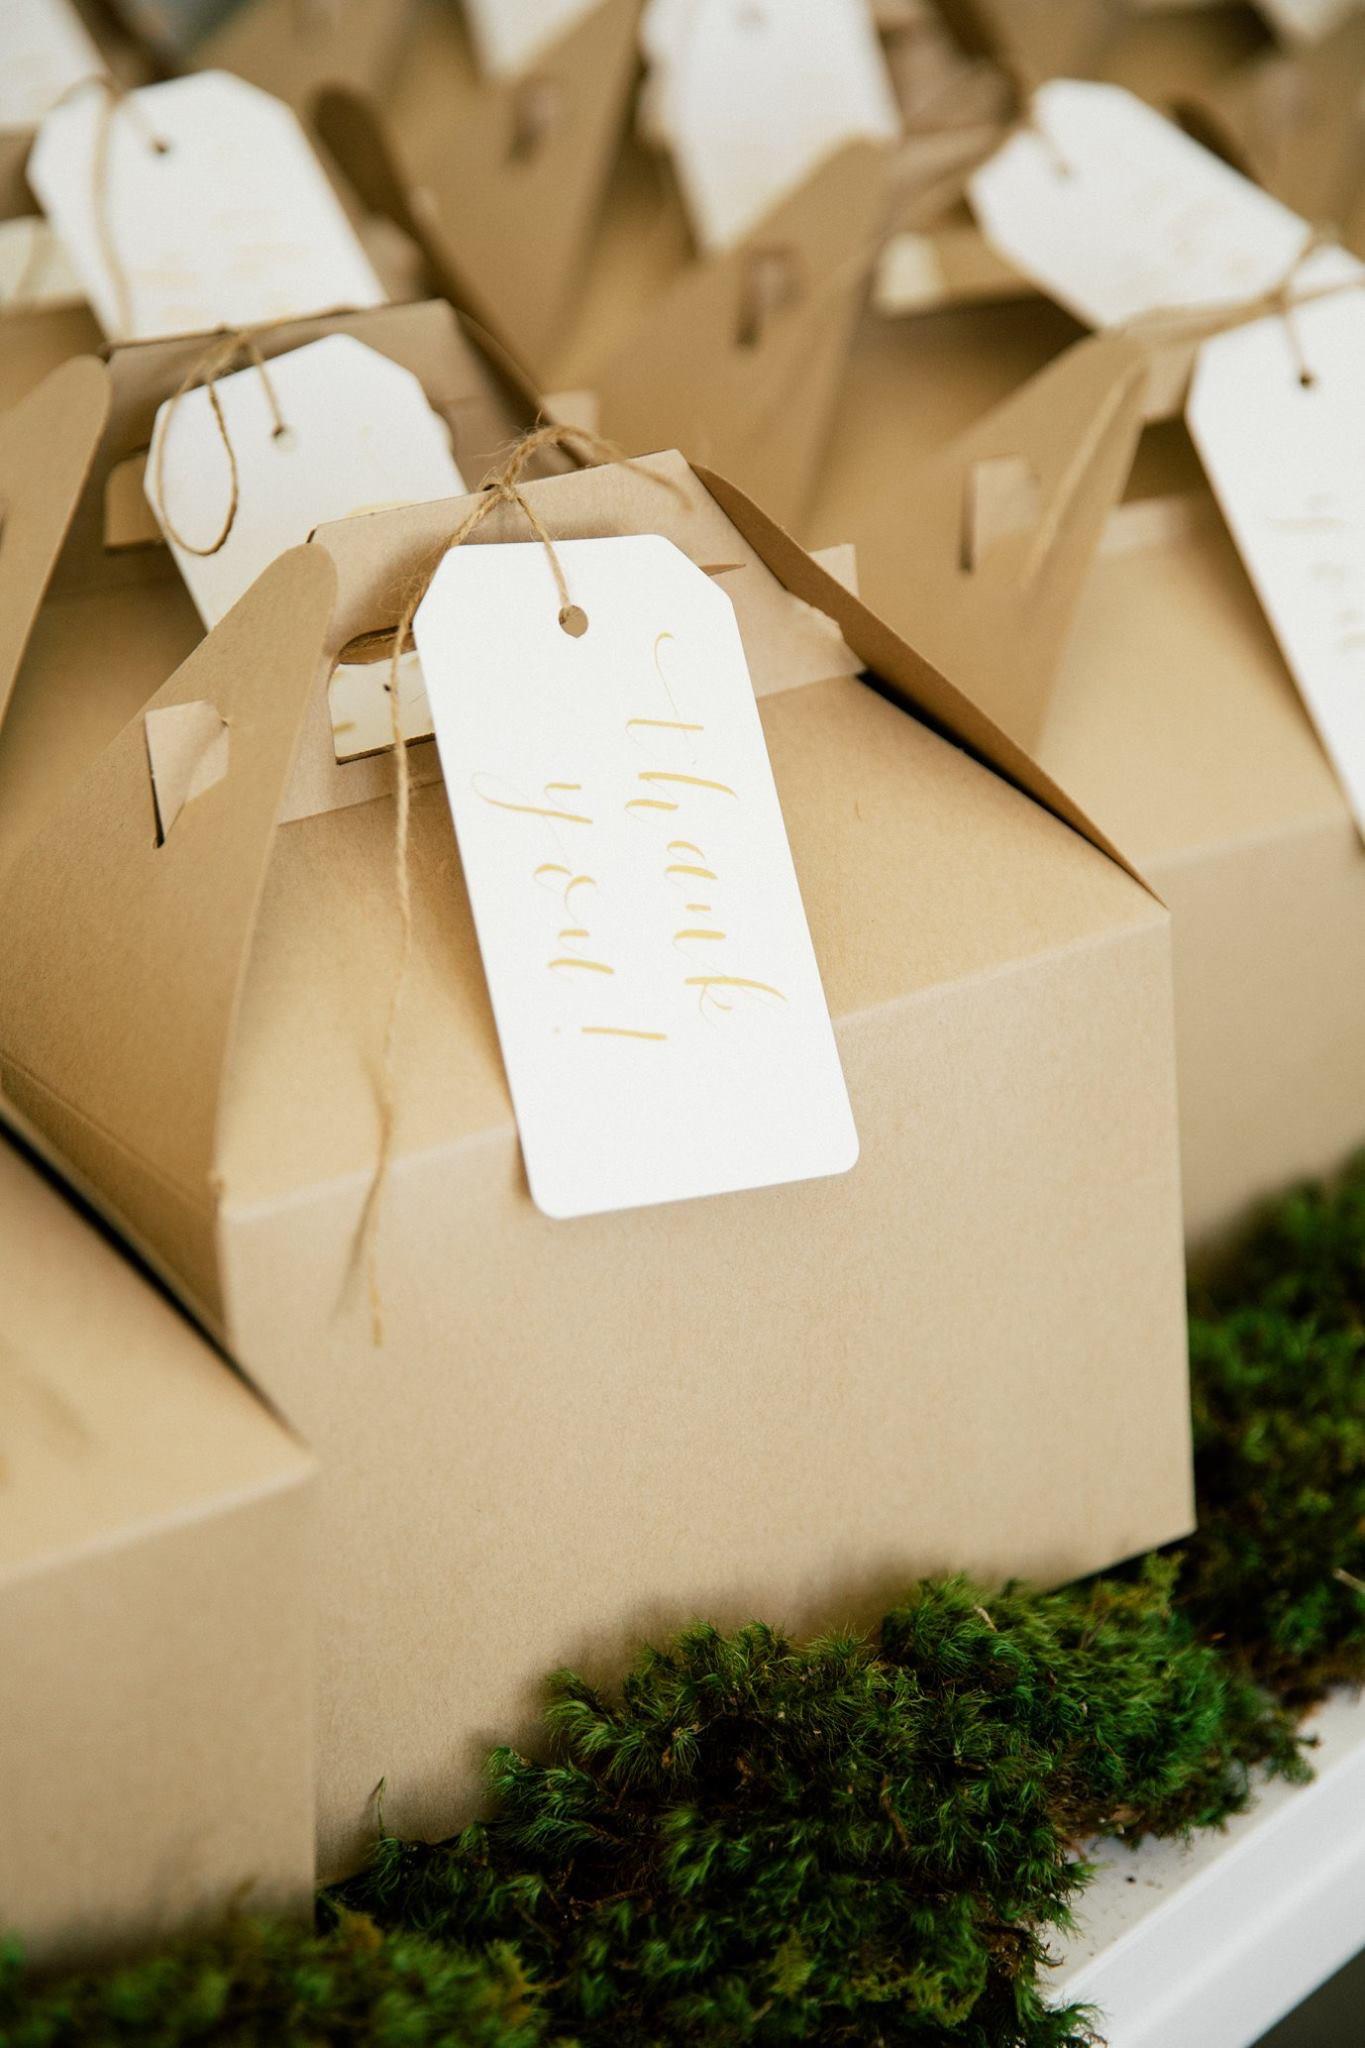 Engaged-Asheville-Joy-Unscripted-Wedding-Calligrapher-Anastasiia-Photography-18.JPG